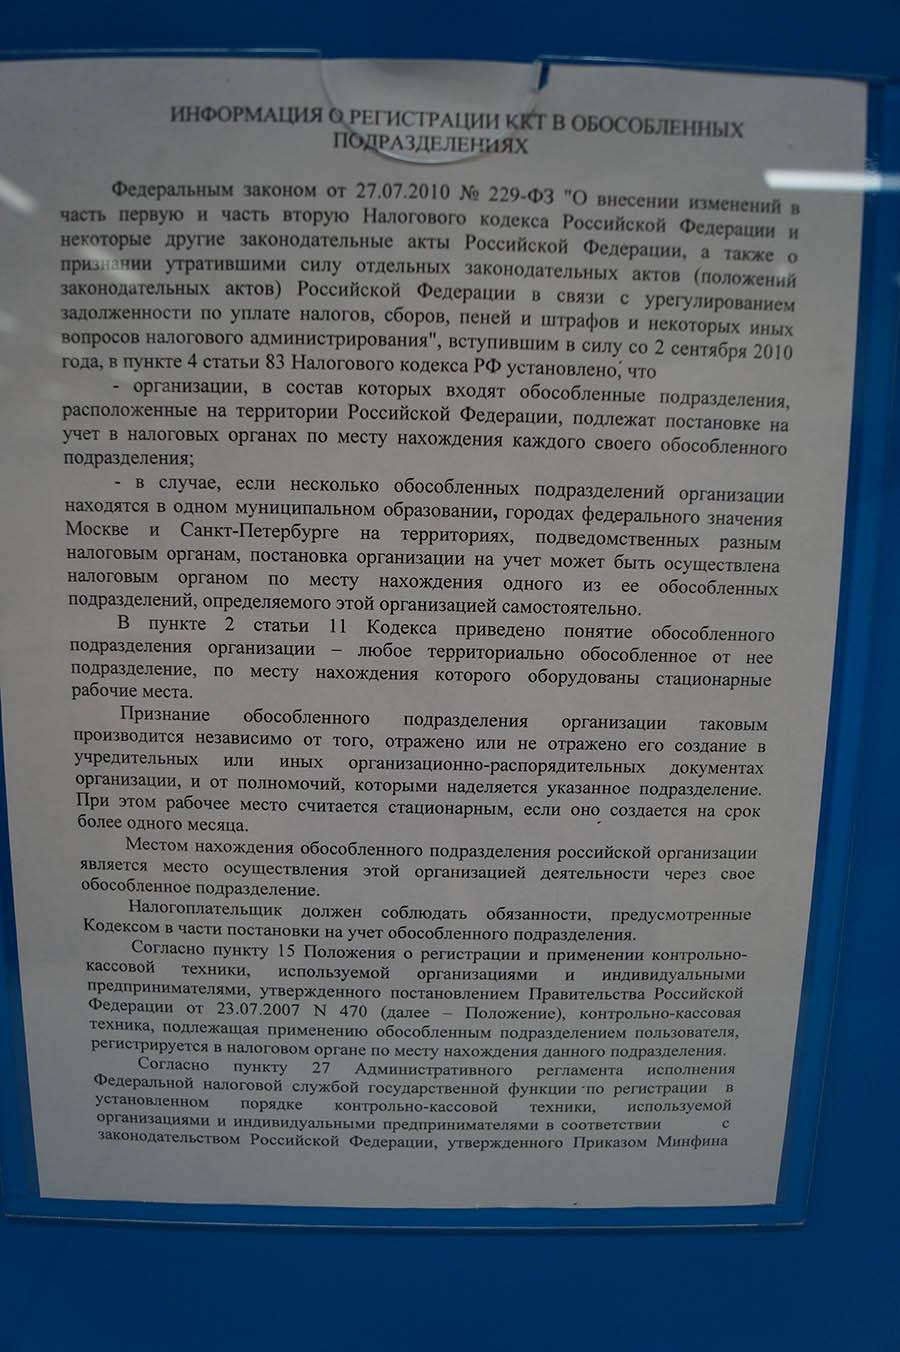 адрес налоговой инспекции прикубанского округа краснодара